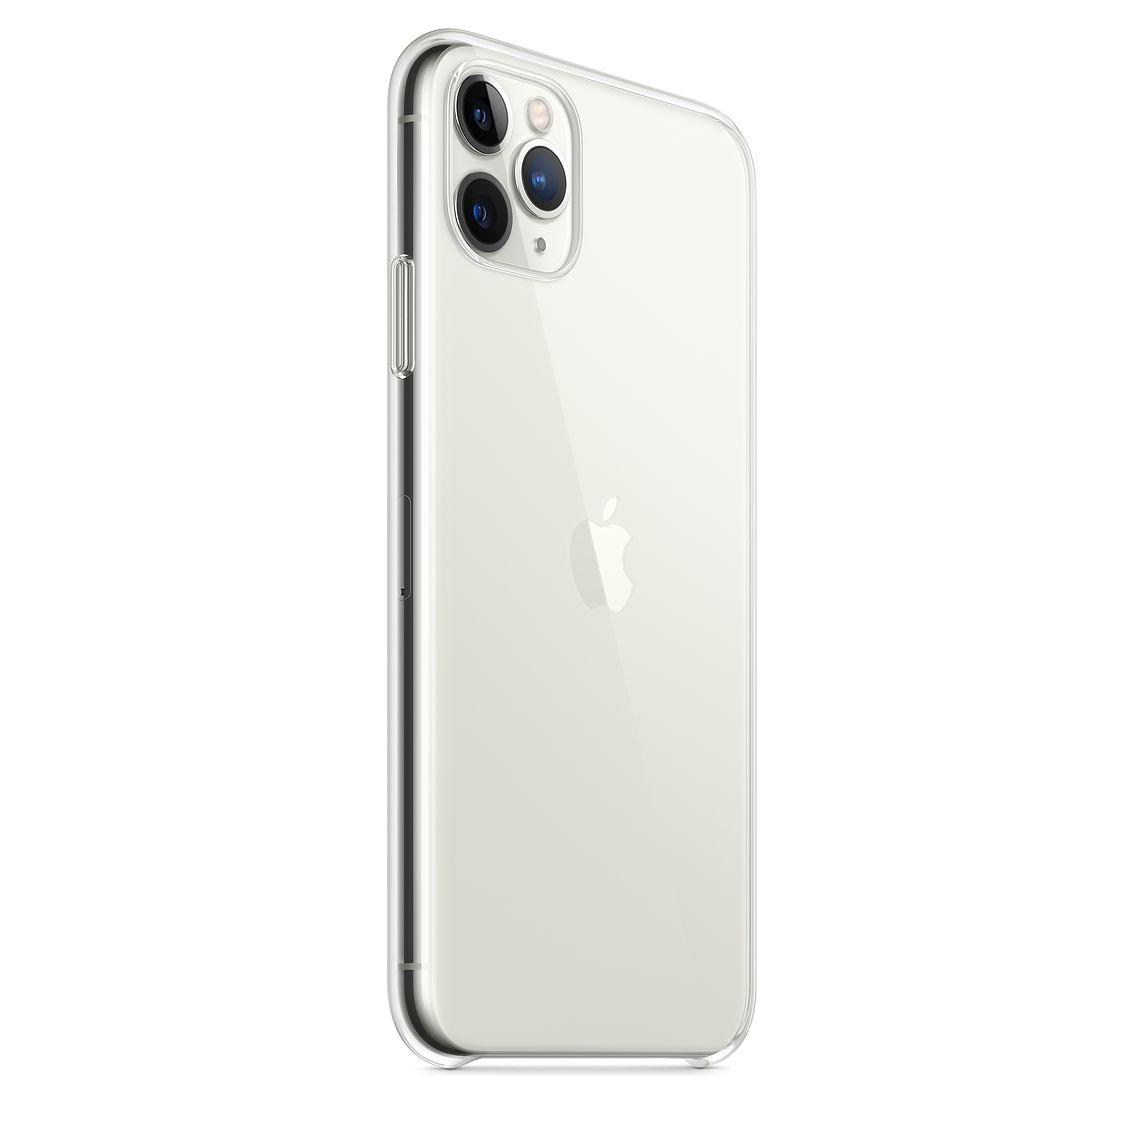 Купить Чехол-накладка ультратонкий 0.3mm для Apple iPhone 11 Pro Max силиконовый (прозрачный)